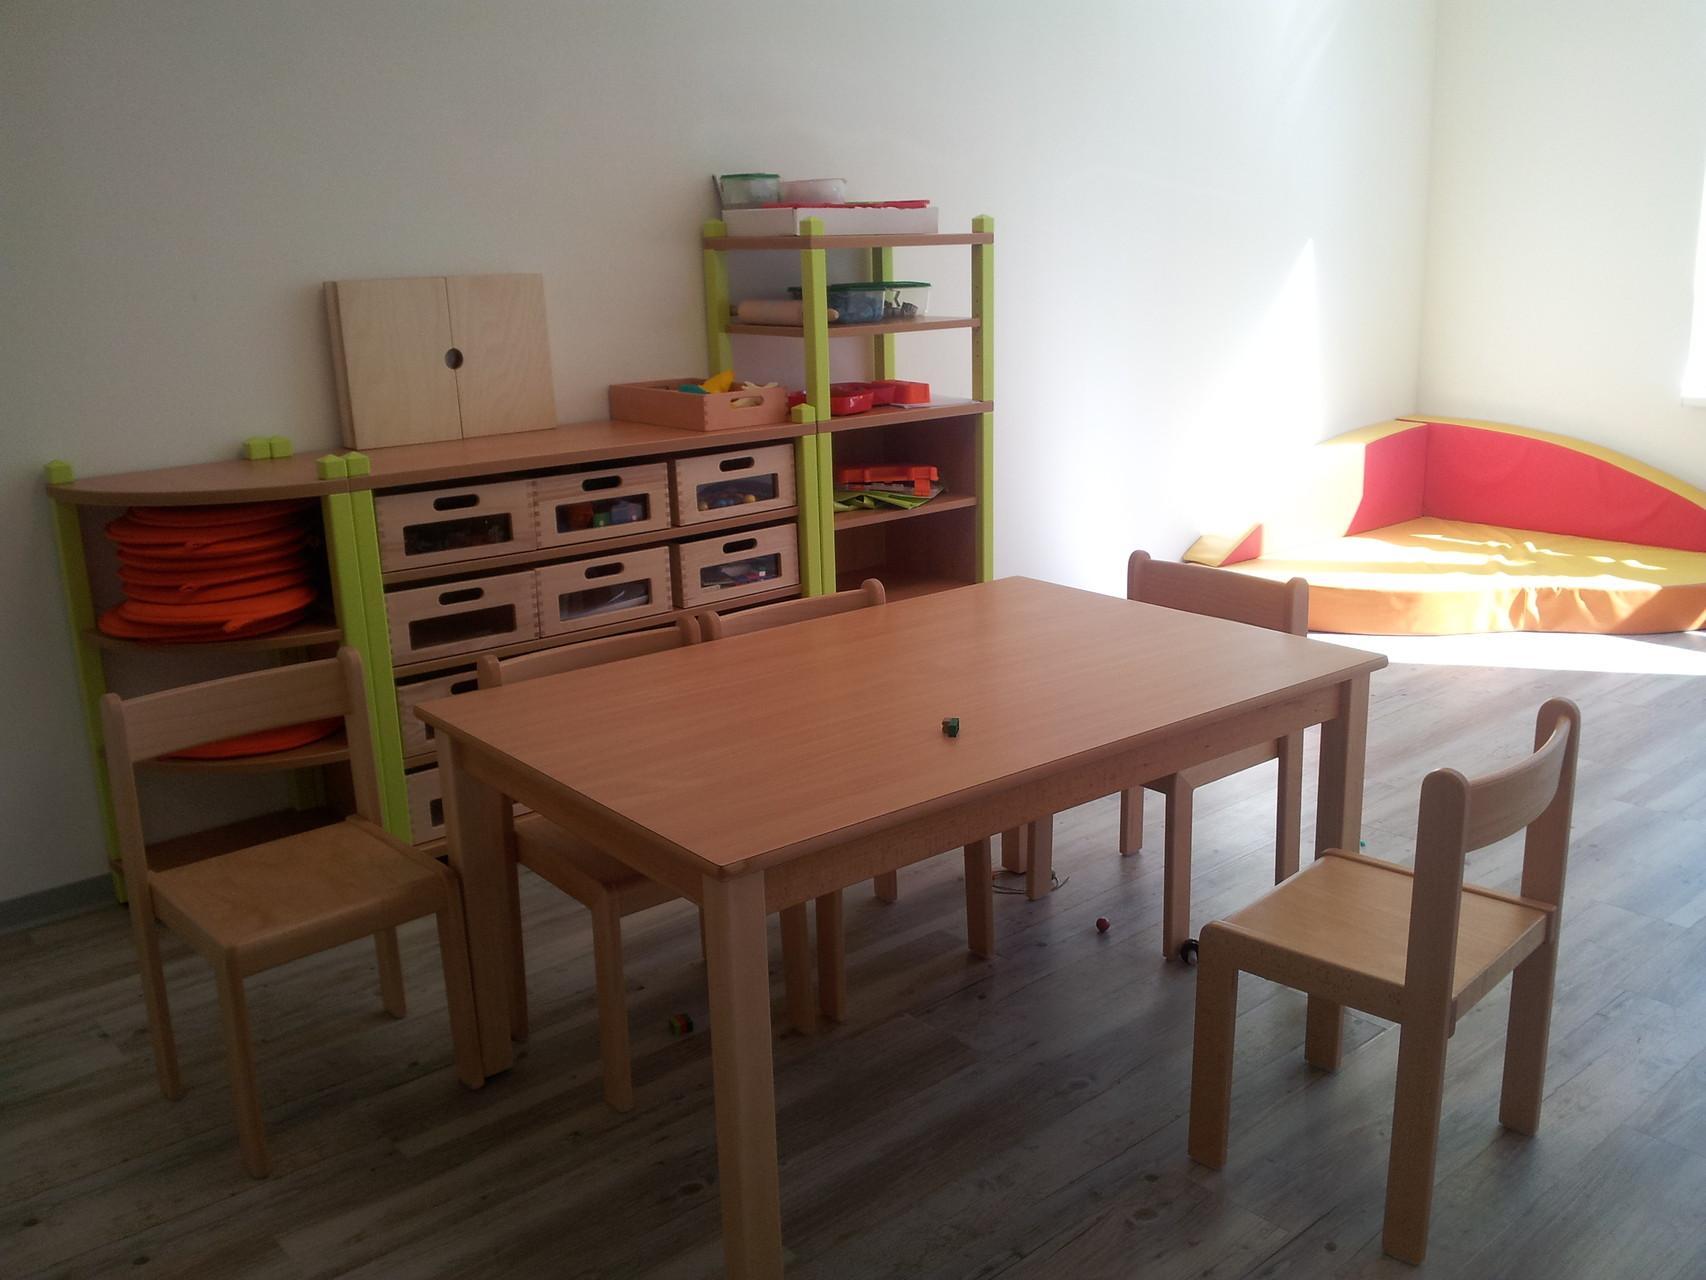 Stollenregale, Tische, Stühle